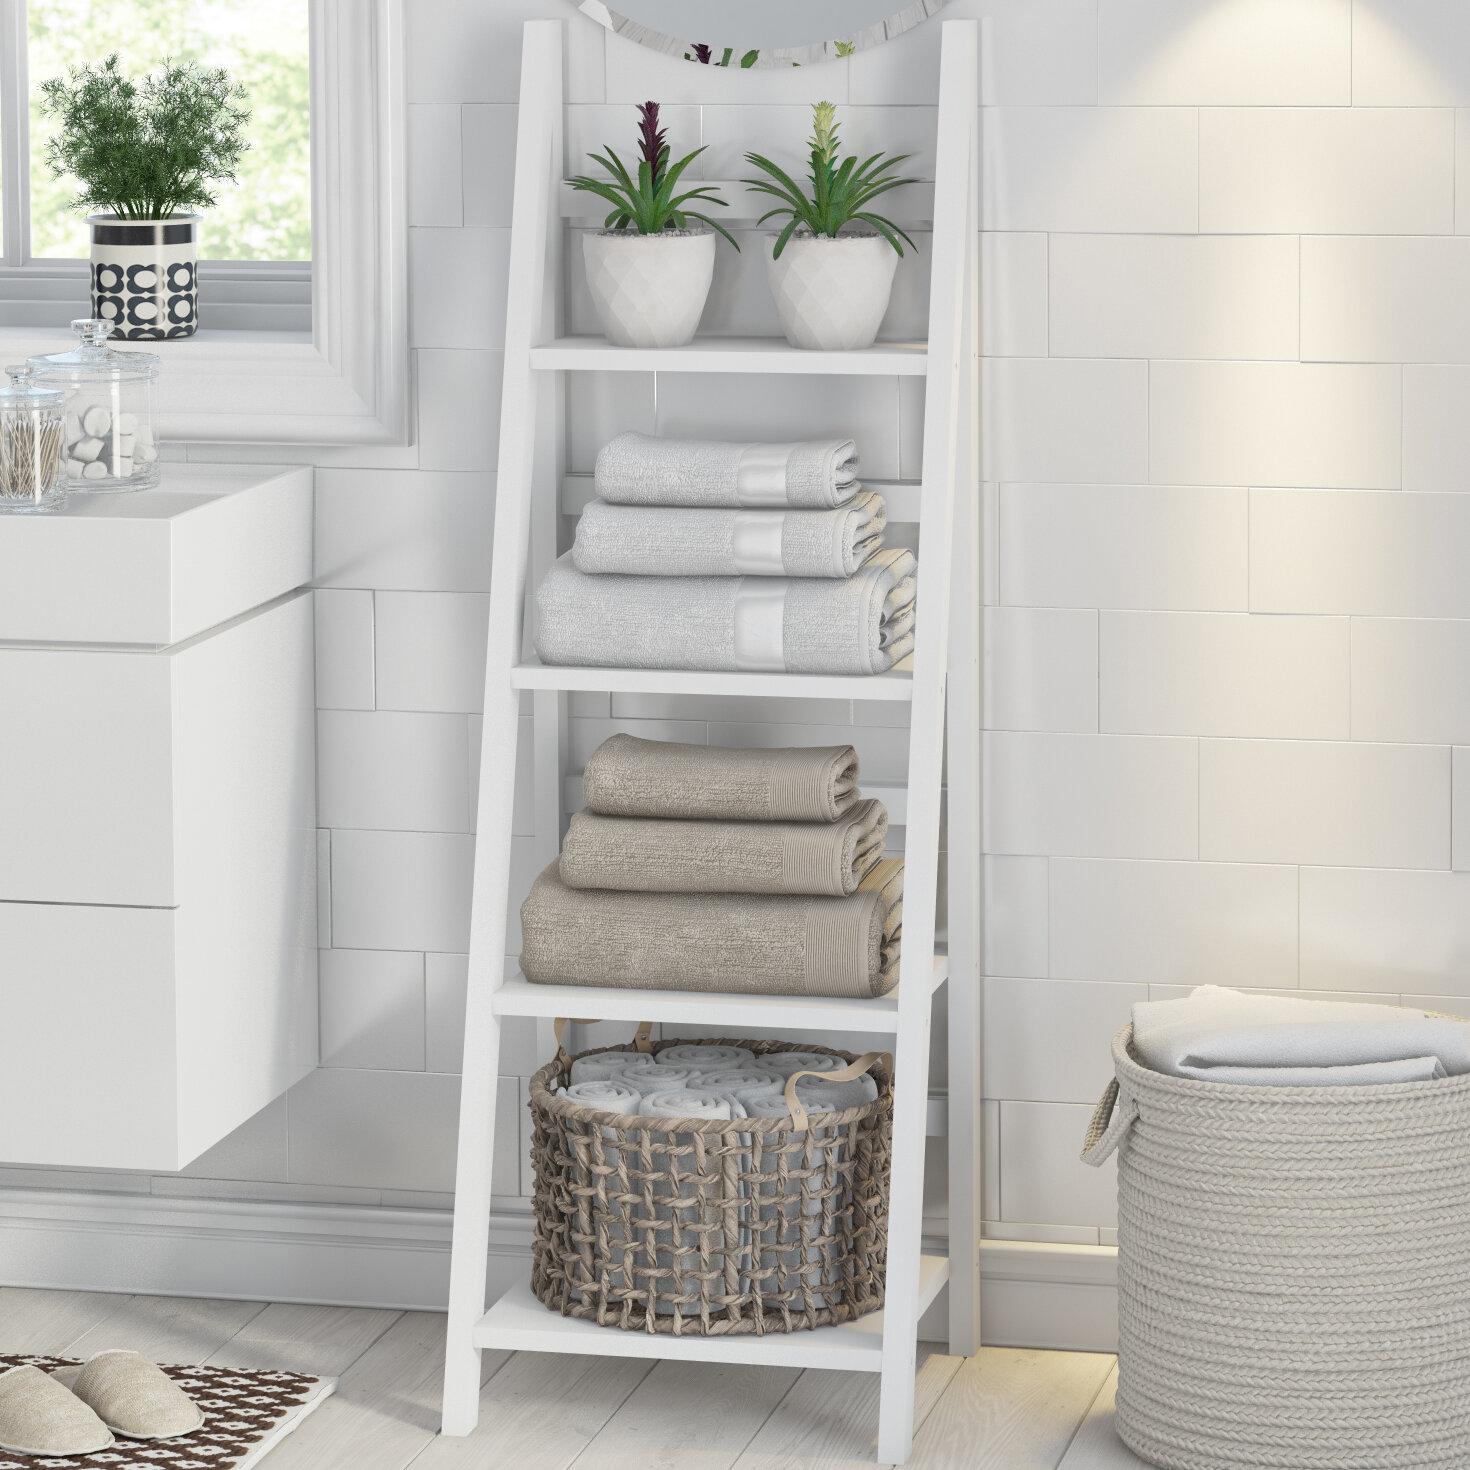 Hykkon Jadyn 44cm X 134cm Bathroom Shelf Reviews Wayfair Co Uk